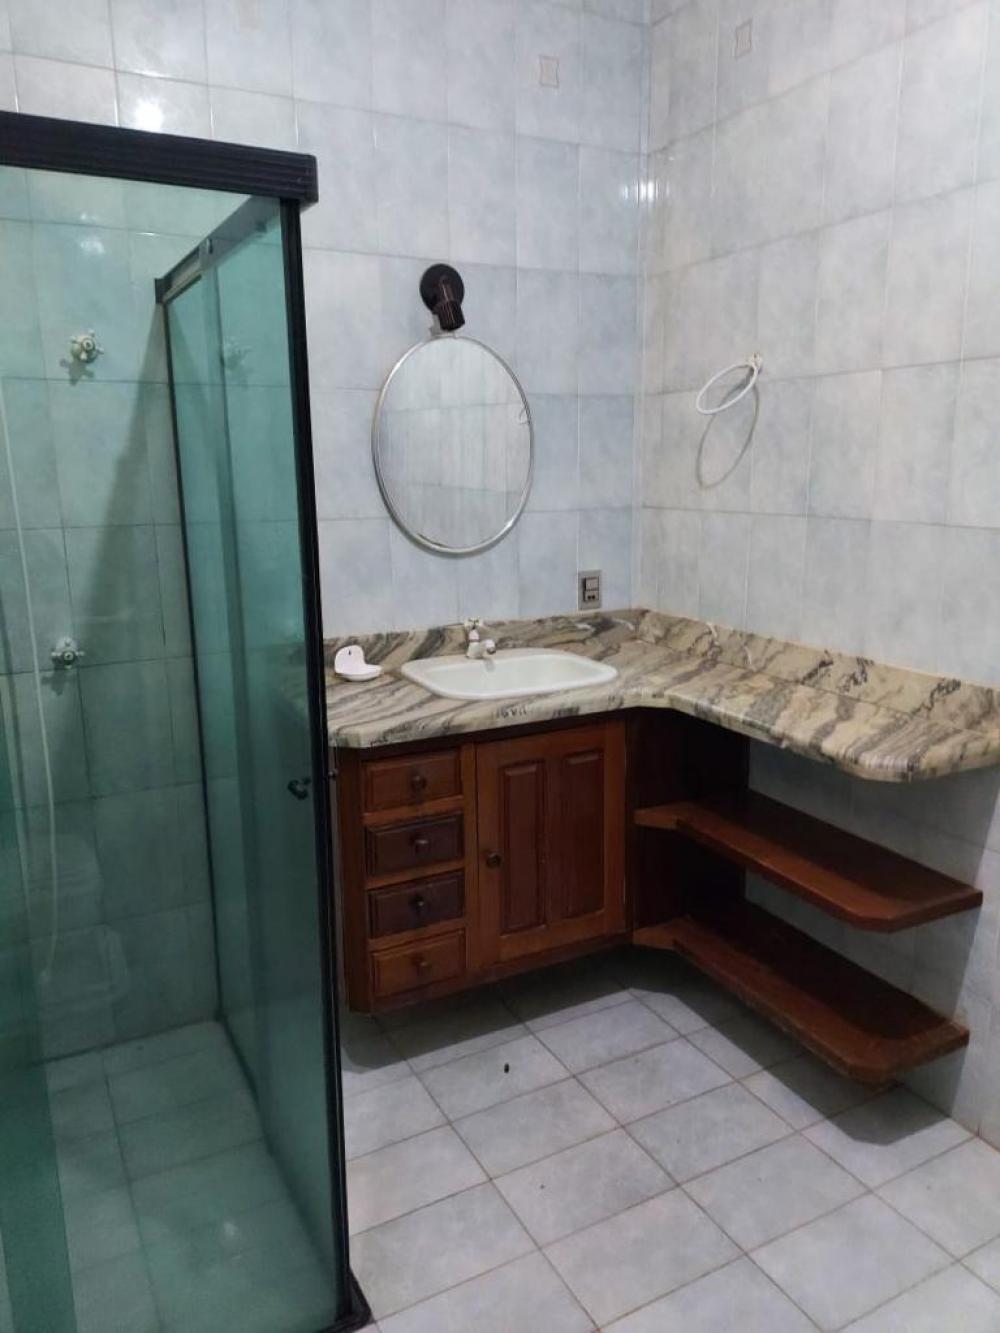 Alugar Comercial / Imóvel Comercial em Ribeirão Preto R$ 6.000,00 - Foto 19